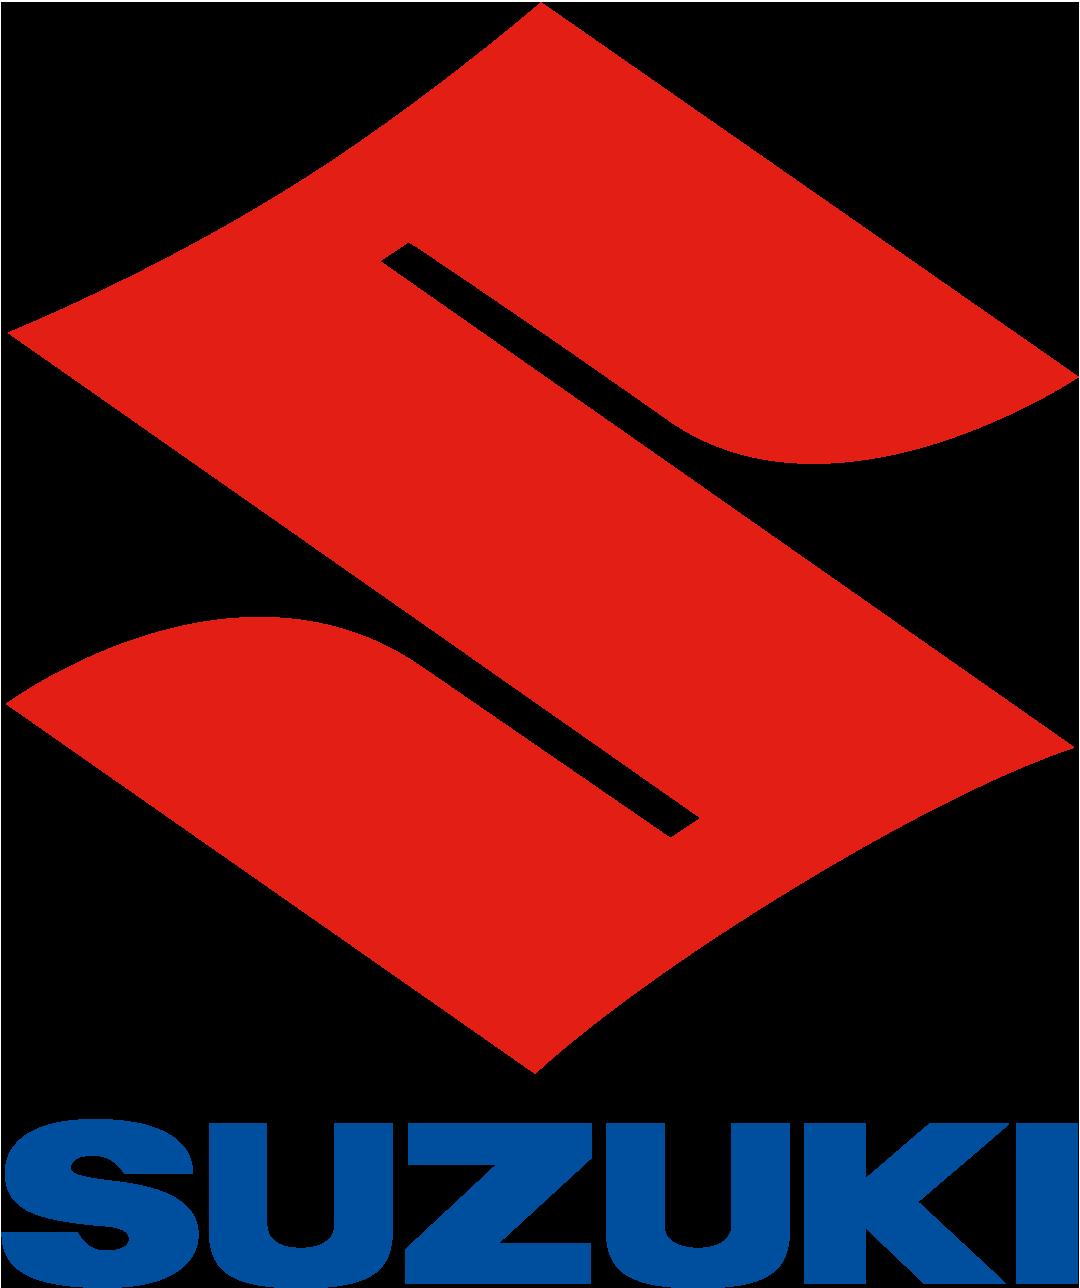 Suzuki: scopri tutte le auto ibride o elettriche di Suzuki